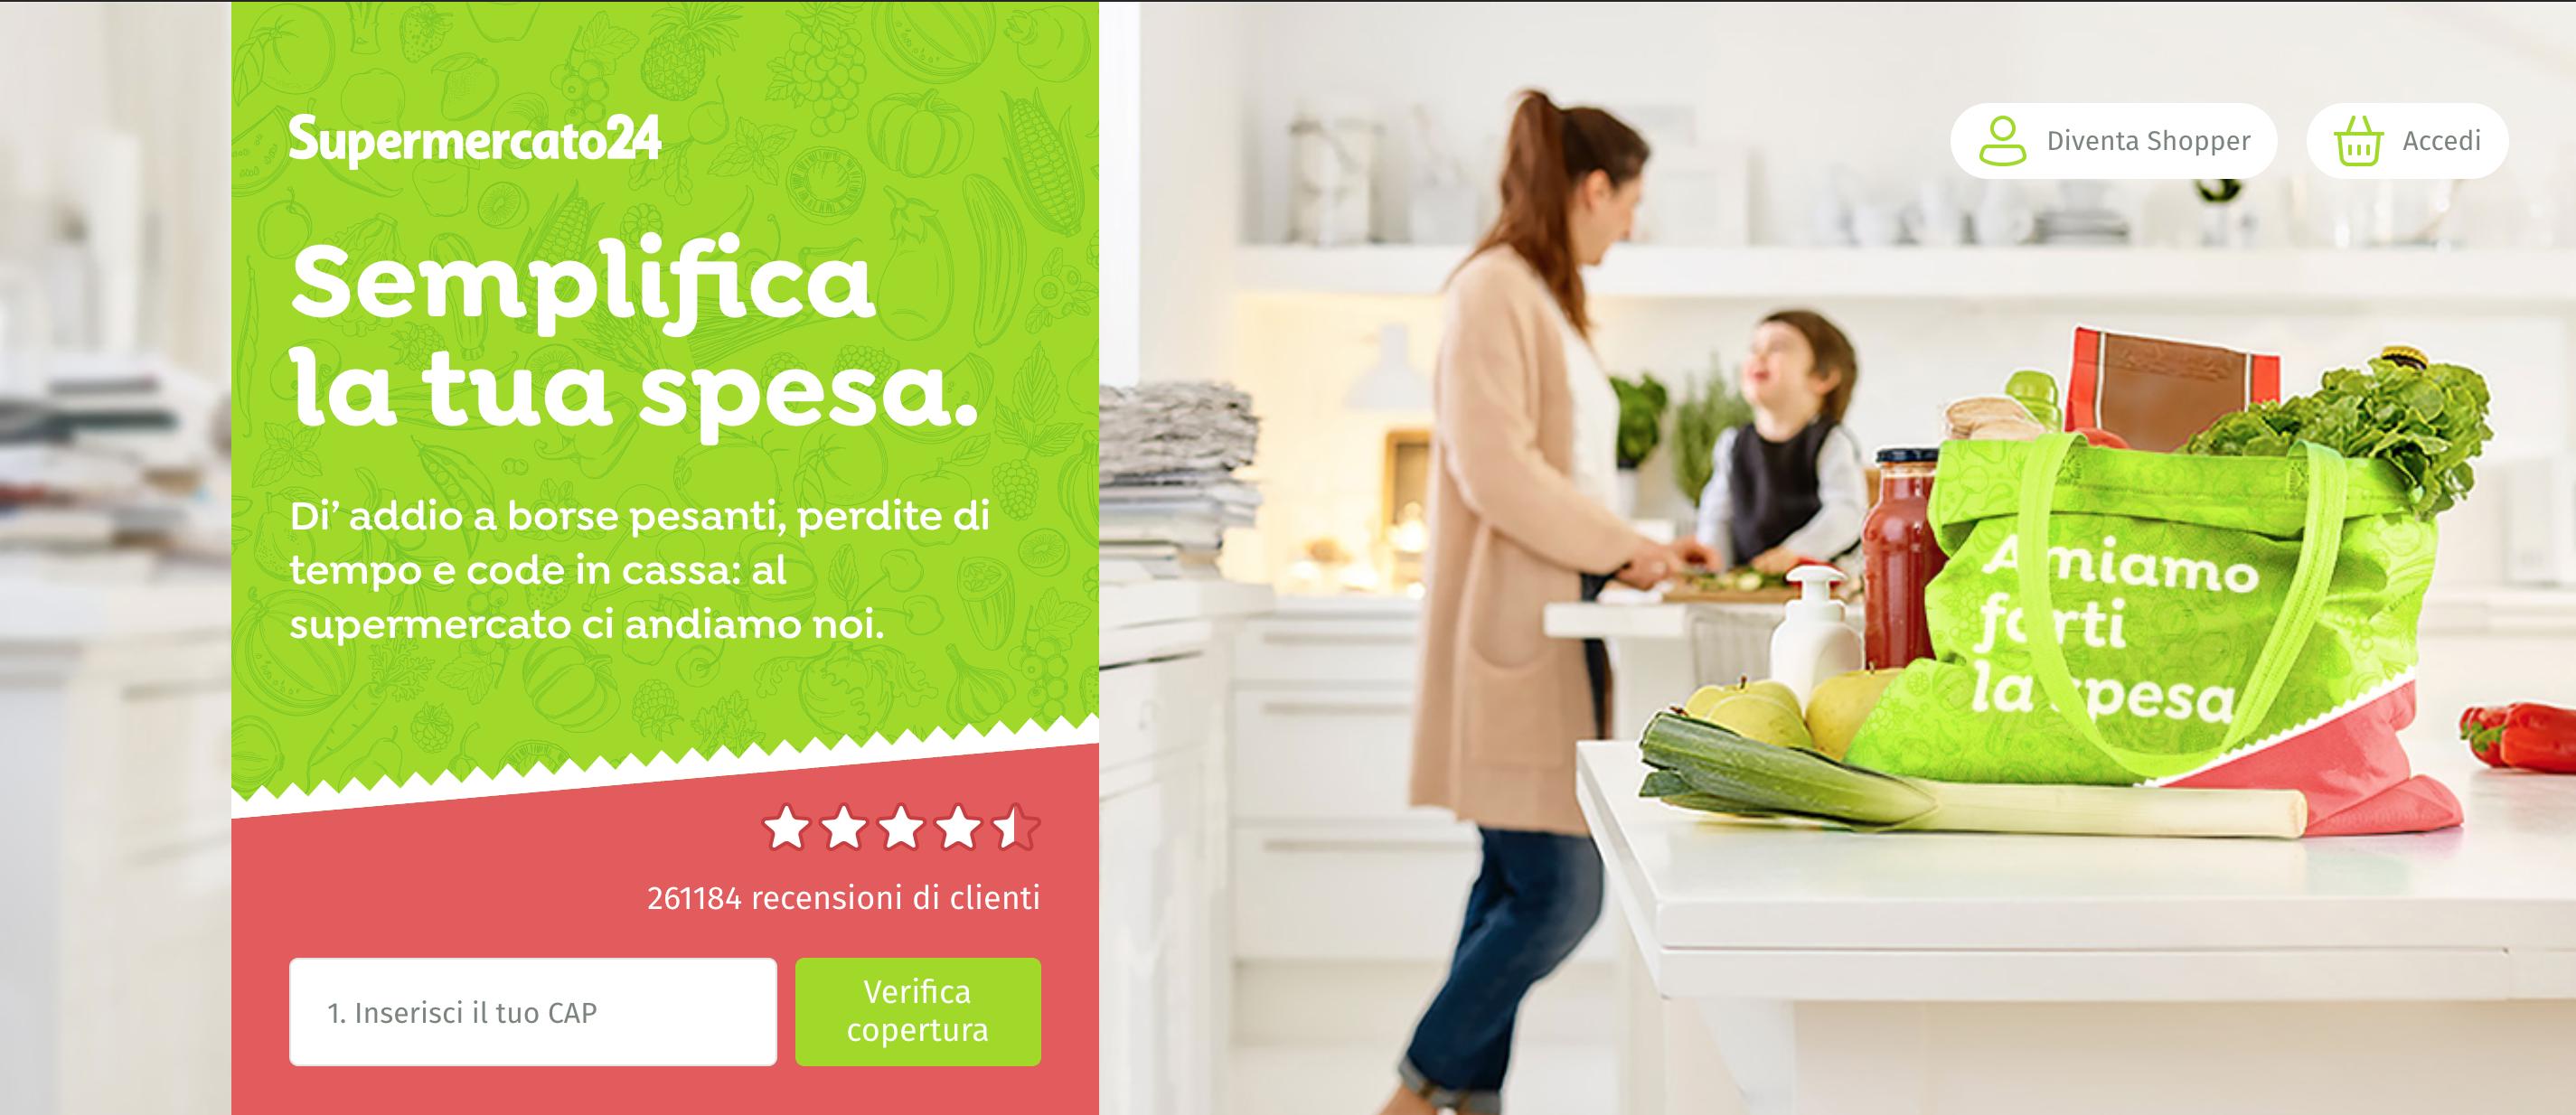 Supermercato24 dove fare la spesa online